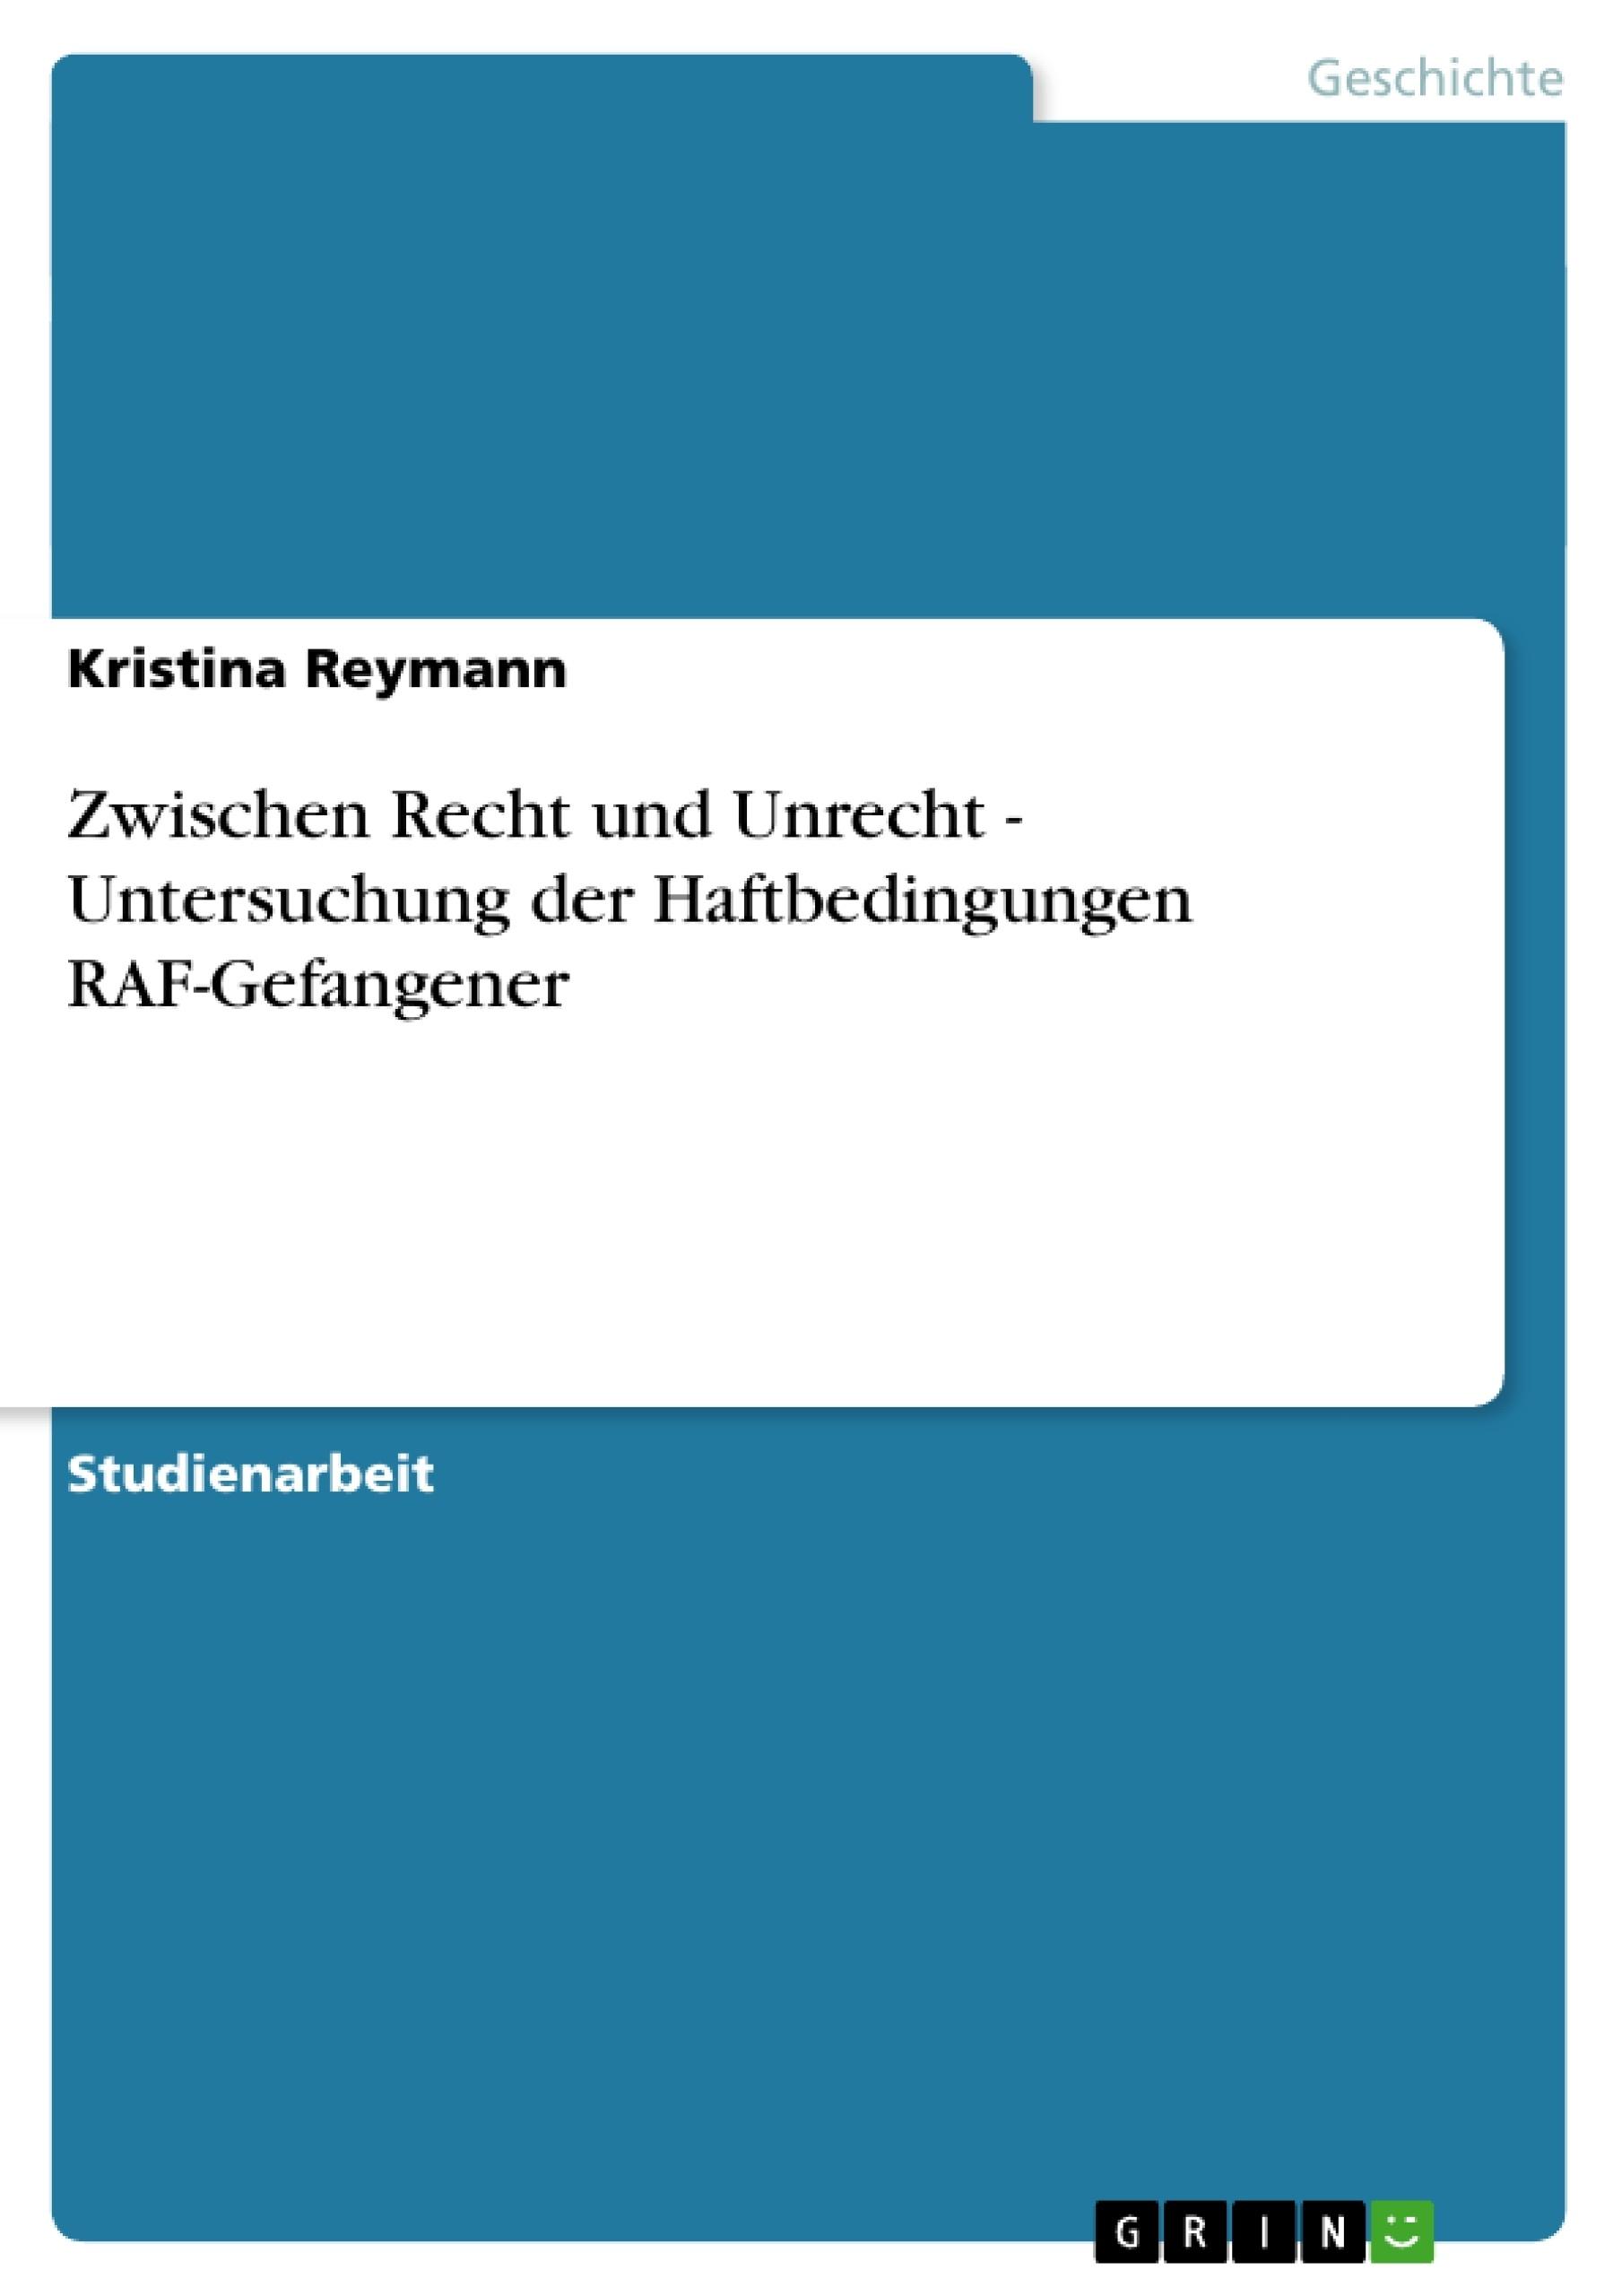 Titel: Zwischen Recht und Unrecht - Untersuchung der Haftbedingungen RAF-Gefangener